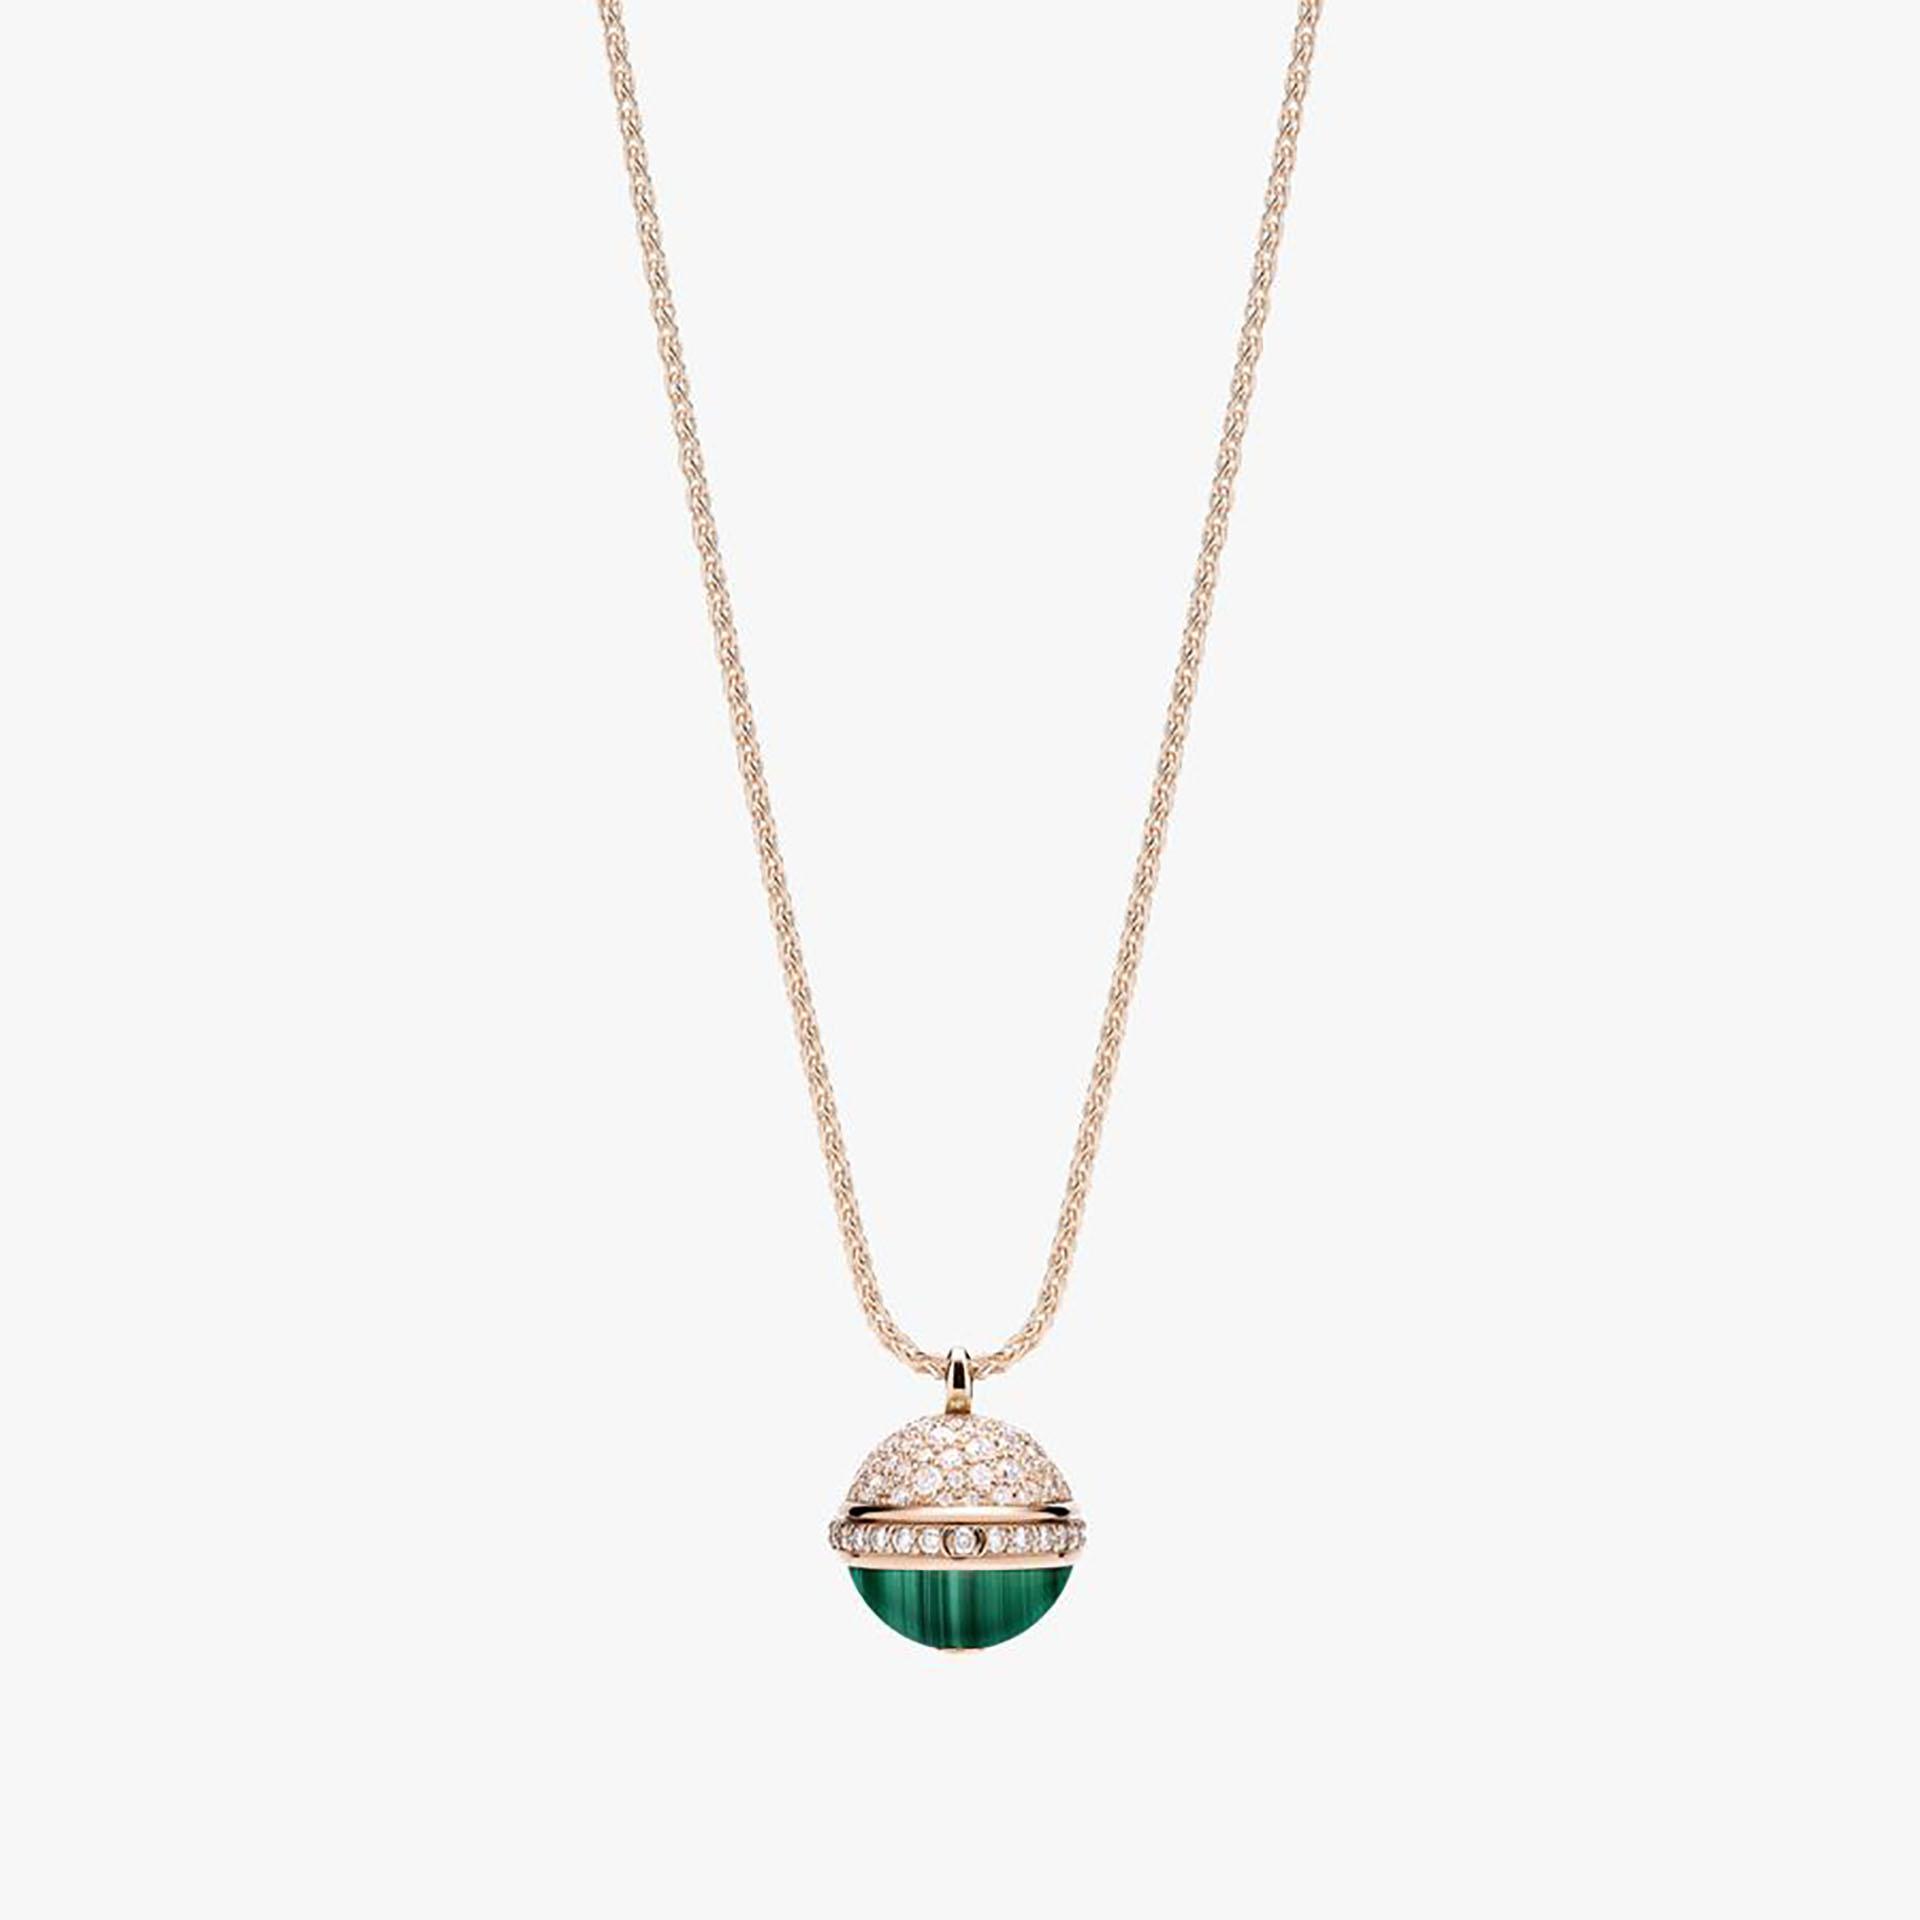 """Piaget no se quiso quedar atrás. Sus piezas de joyería son exquisitas para la vista. Esta temporada, resalta un colgante de oro rosa de 18 quilates engastado con 116 diamantes en brillantes y cabujón de malaquita. Pertenece a la colección """"Possesion"""" y es una esfera que combina la elegancia del oro rosado con los brillantes y el vibrante verde esmeralda (Piaget)"""